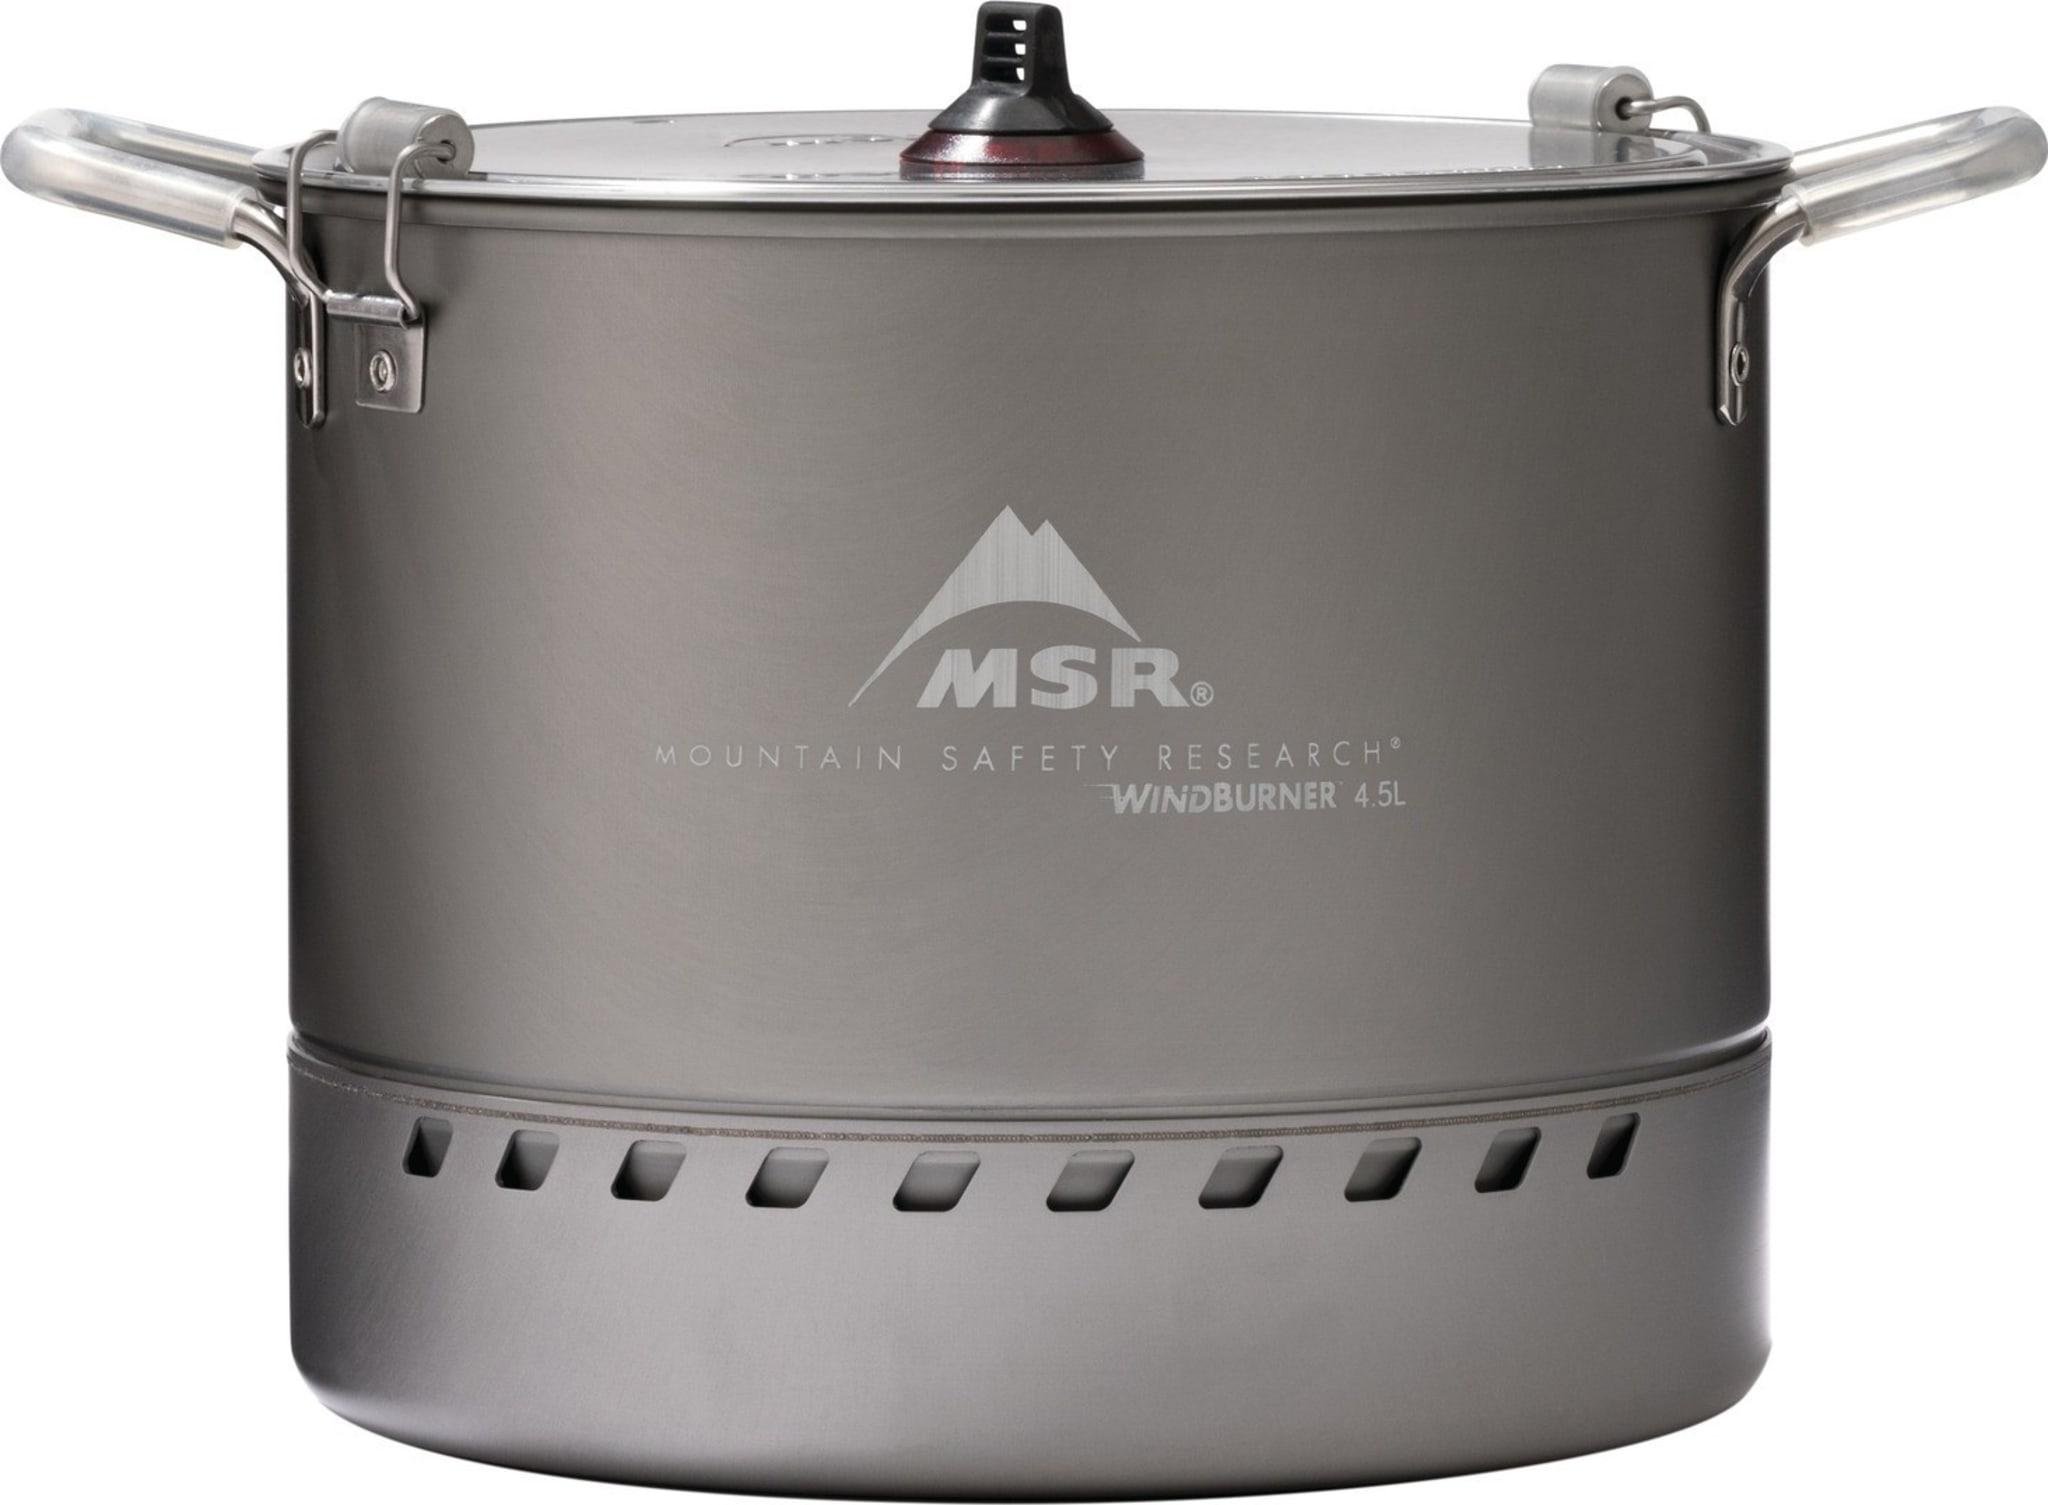 Stor 4,5L kjele med varmeveksler for Windburner Stove System